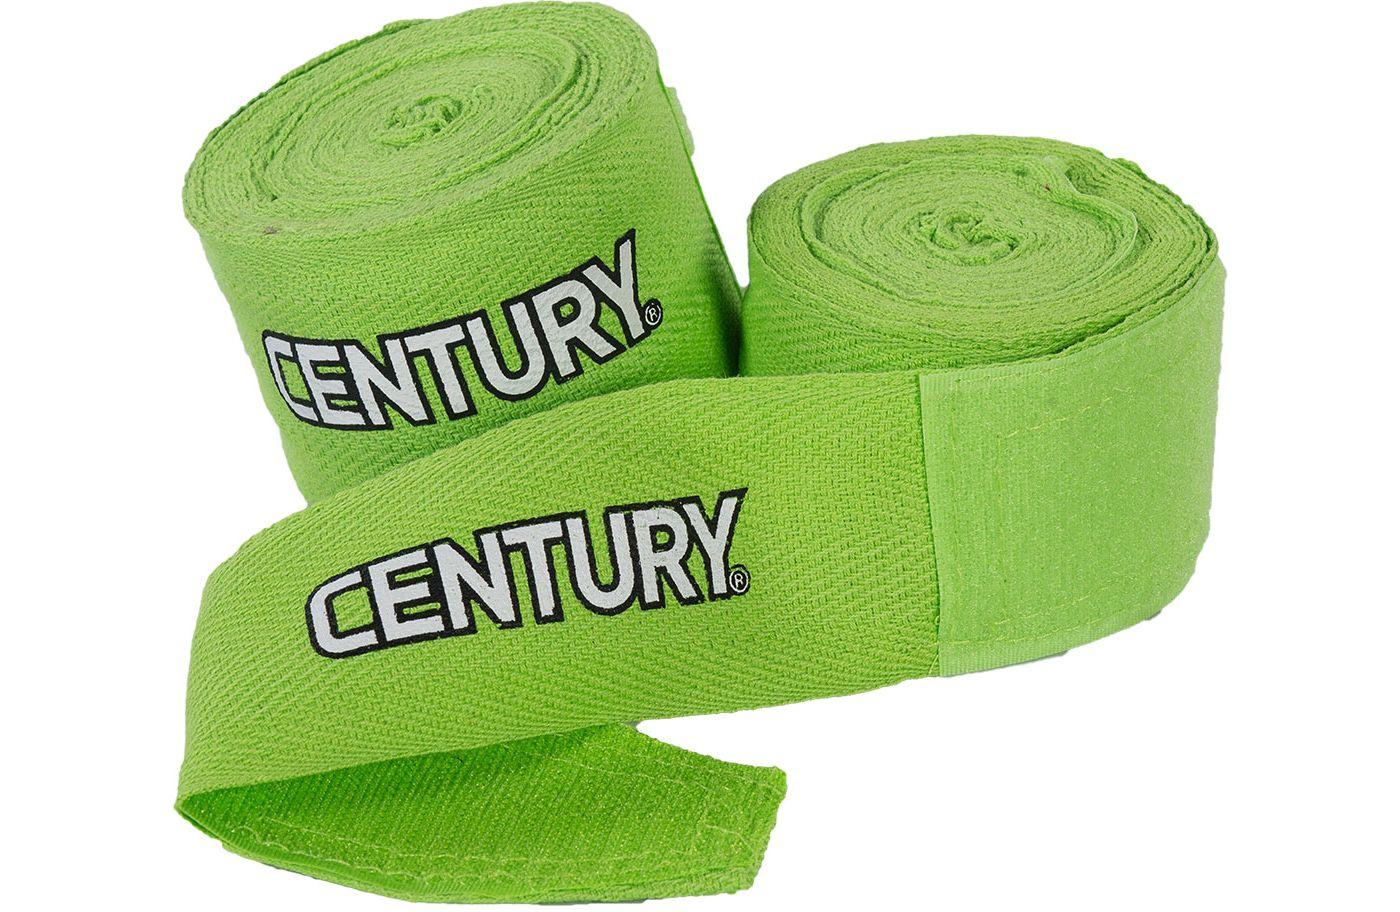 Century 108'' Stretch Hand Wraps